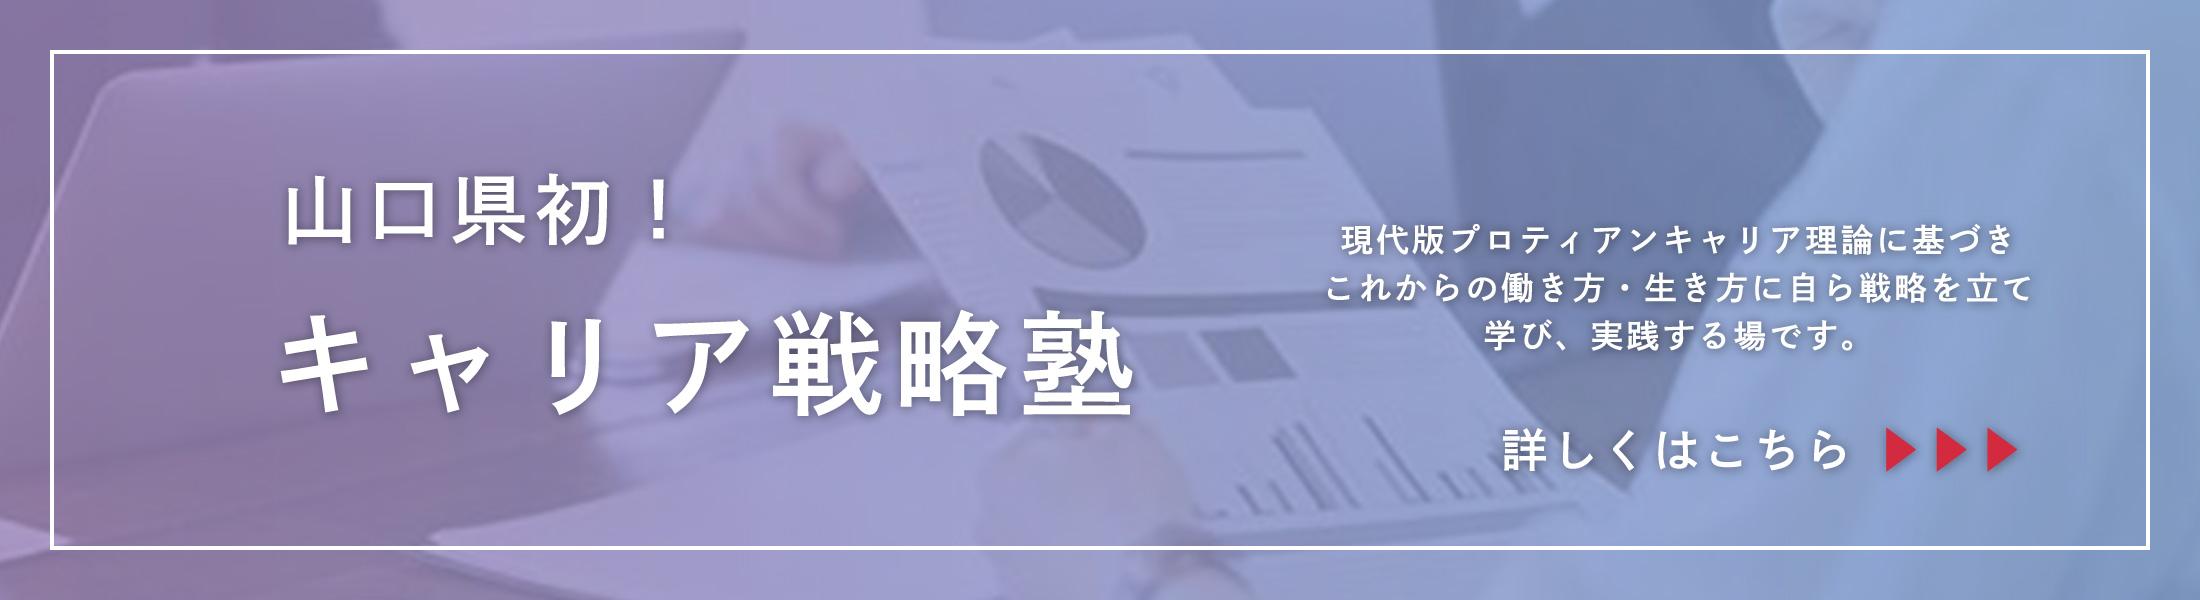 プロティアンキャリア戦略塾(入門編)@山口